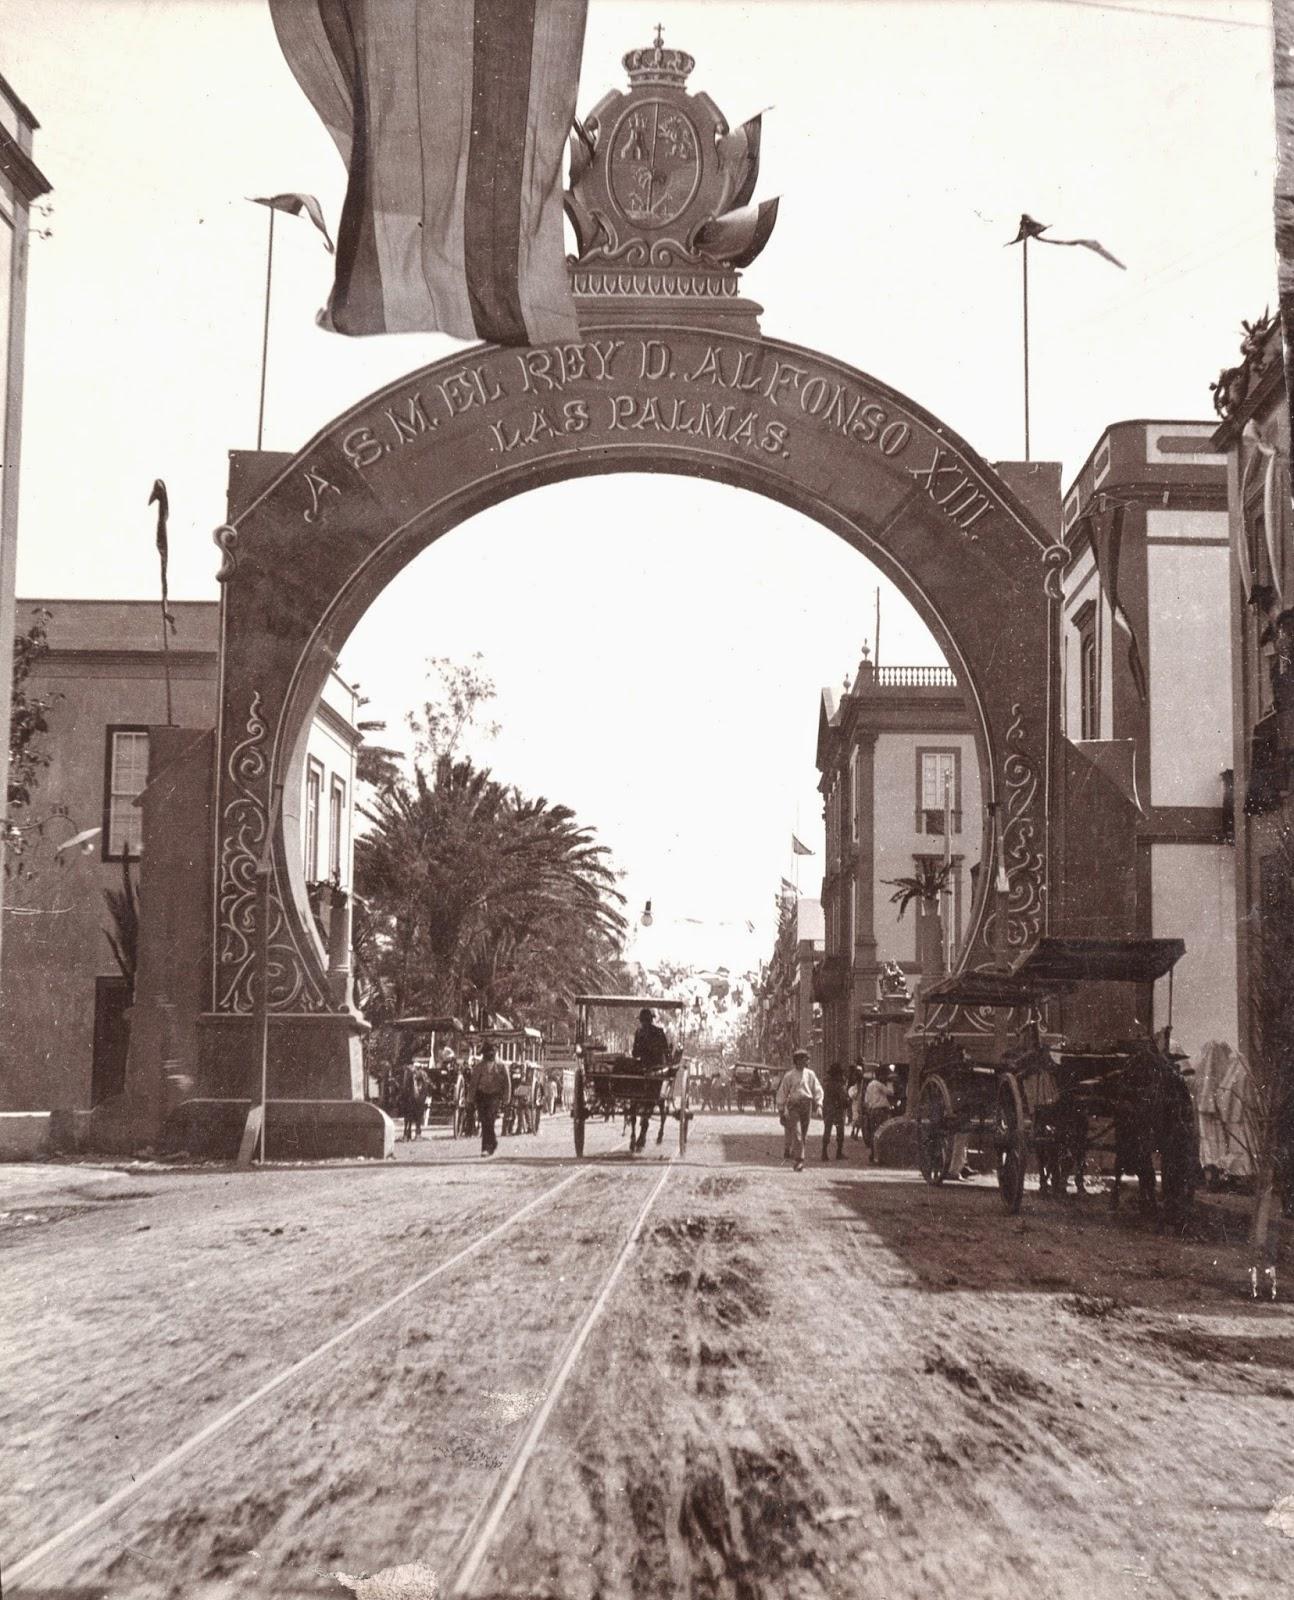 Imagen nº 06793 propiedad de LA FEDAC/ Cabildo de Gran Canaria. Realizada en el año 1906. Fotógrafo sin identificar.